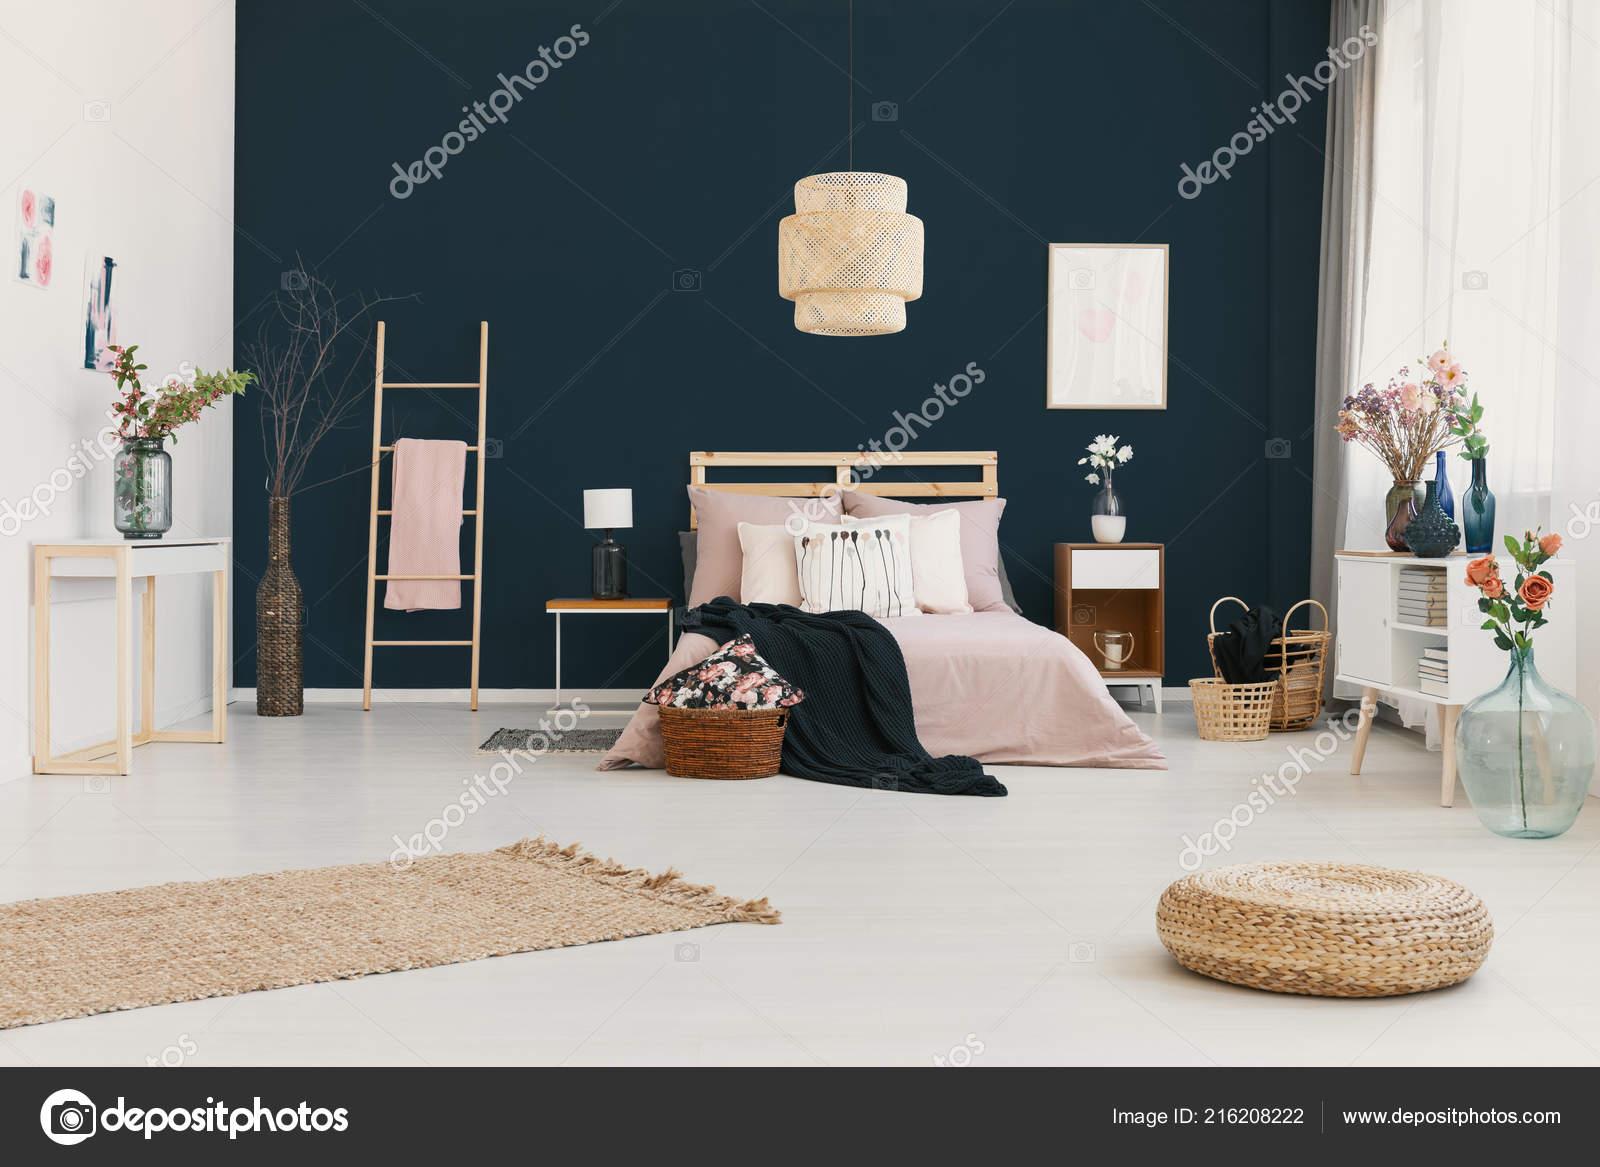 Echtes Foto Von Hellen Schlafzimmer Innenraum Mit Dunkel Blauen Wand U2014  Stockfoto